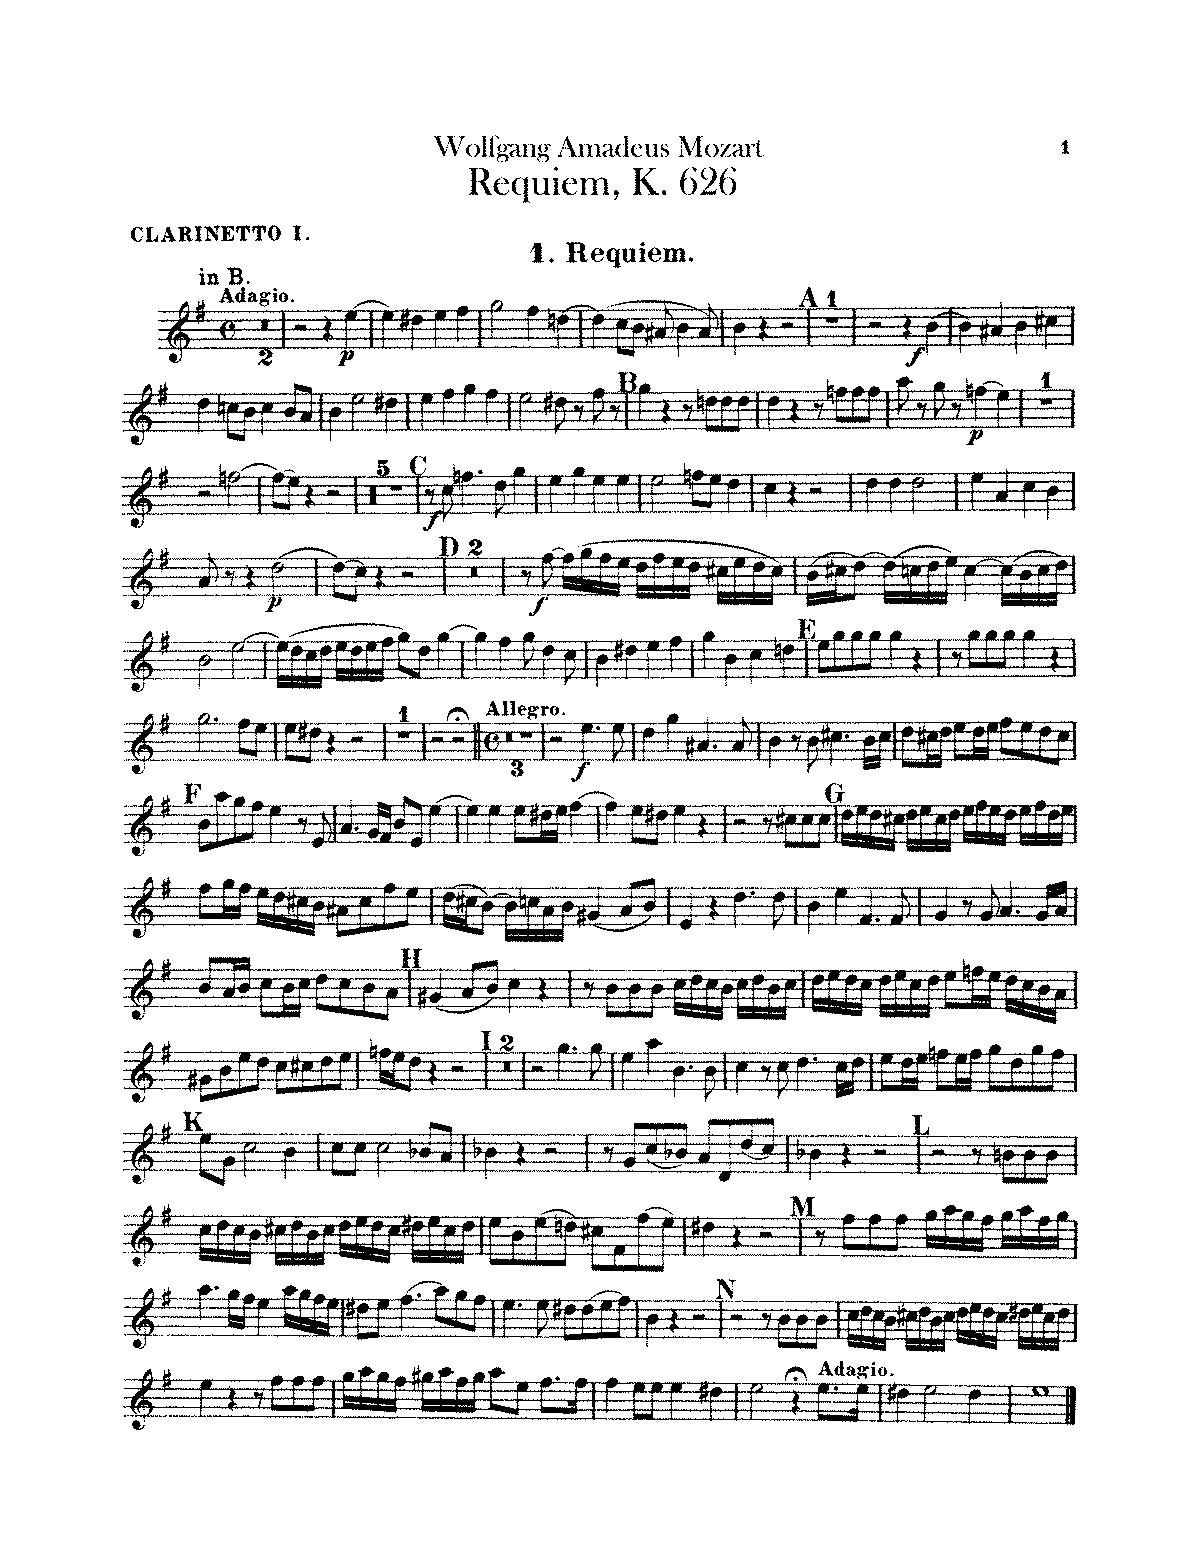 Requiem in d minor, (mozart, wolfgang amadeus)